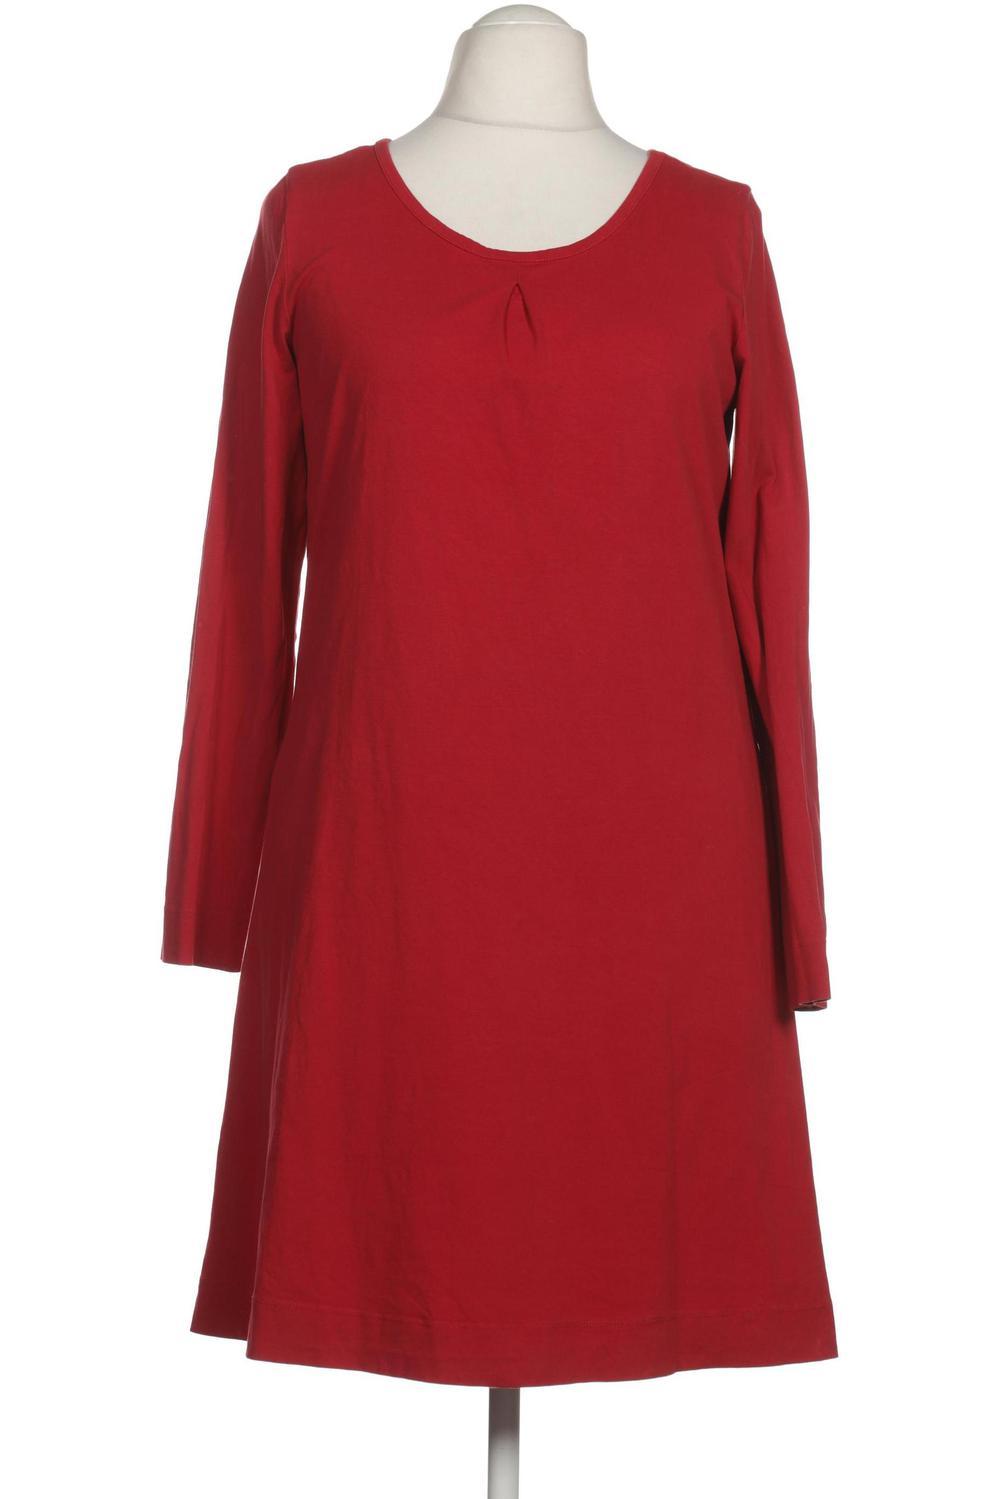 Deerberg Damen Kleid INT L Second Hand kaufen | ubup